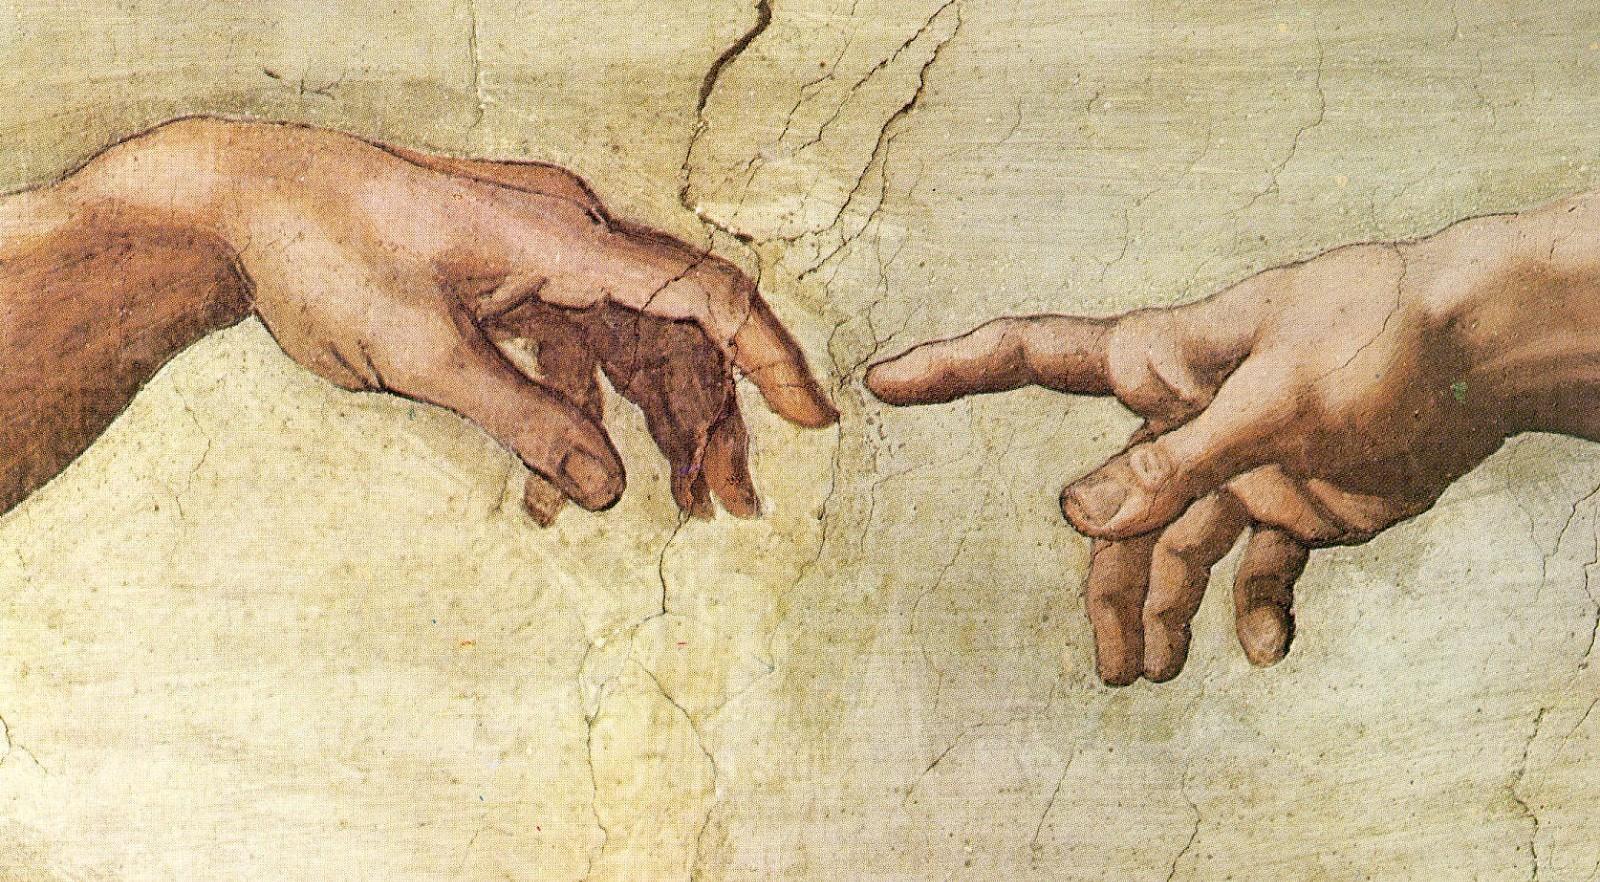 Cómo detectar cuando Dios nos Habla [sobre nuestra vida]